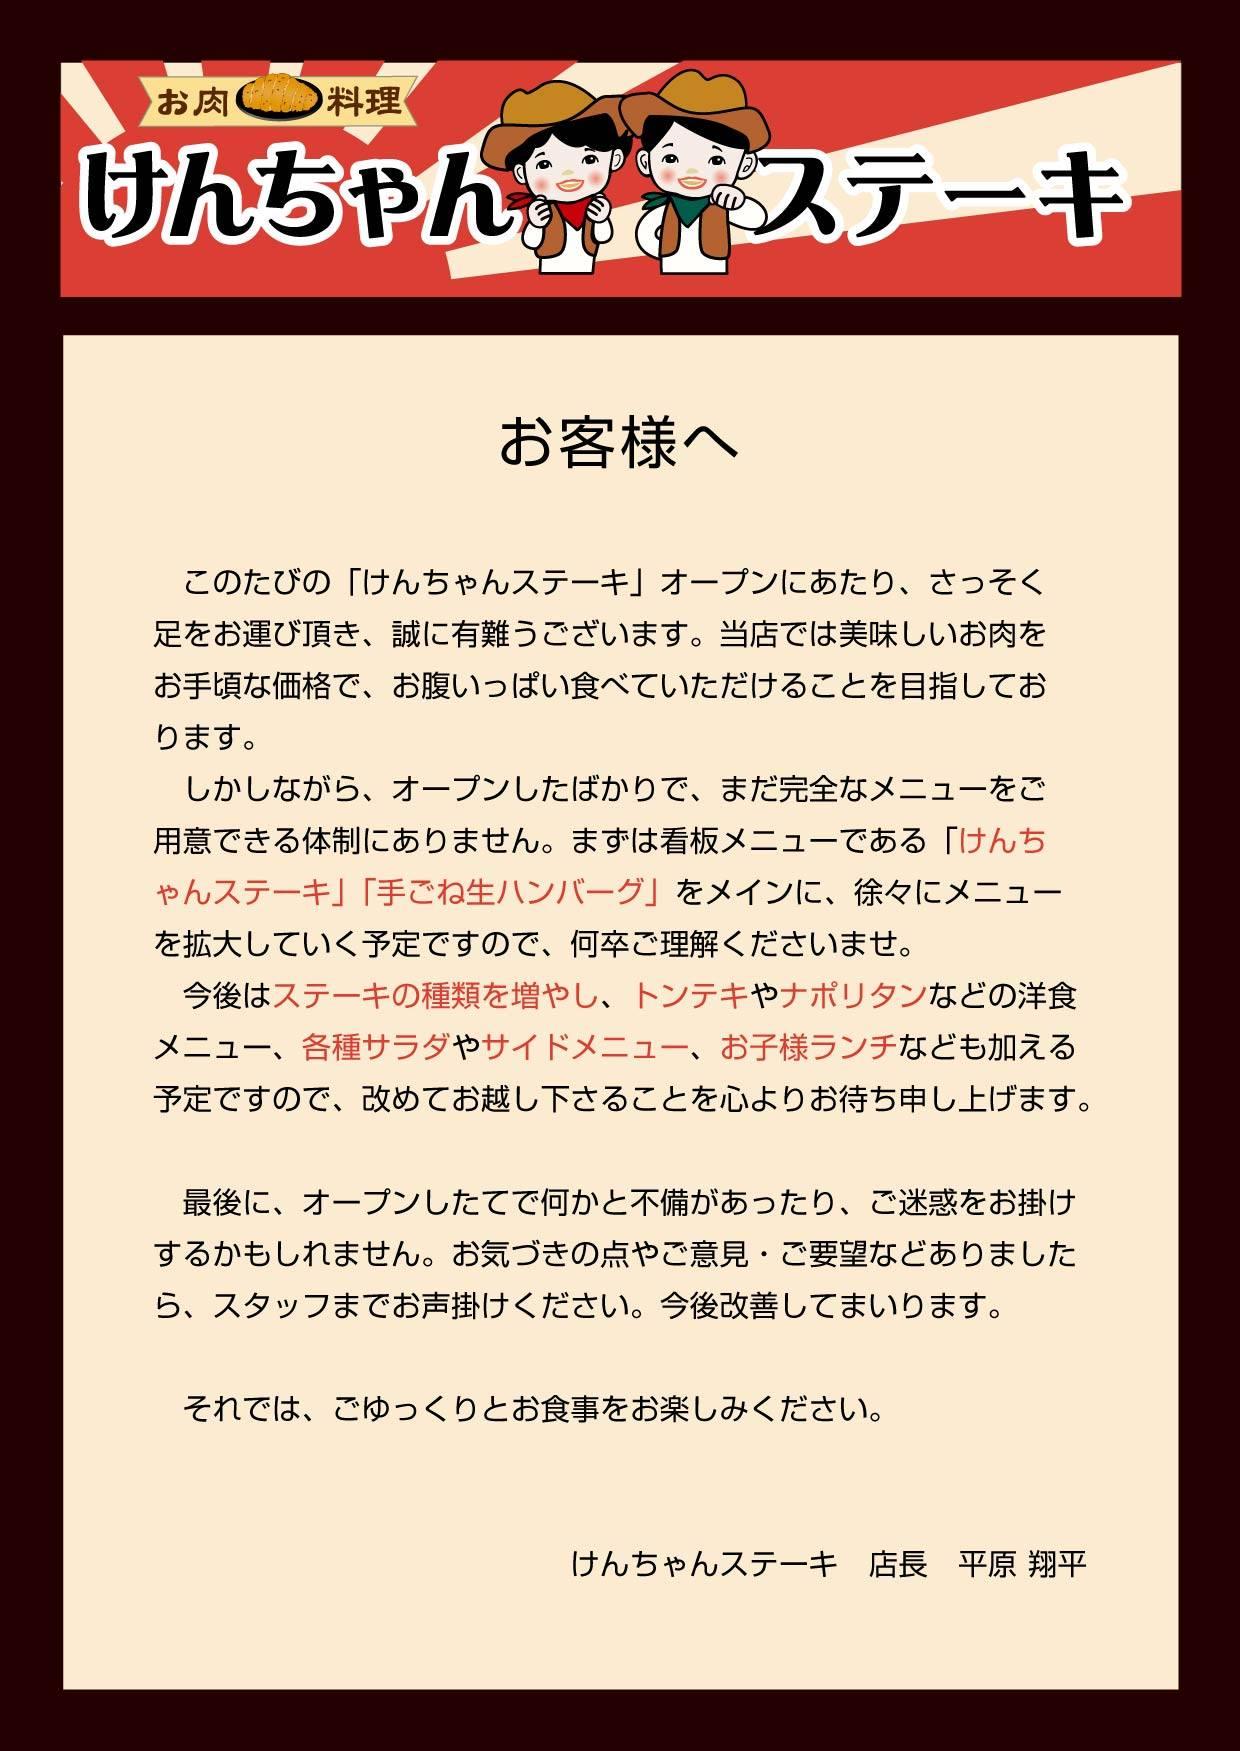 けんちゃんステーキ宮崎市大塚